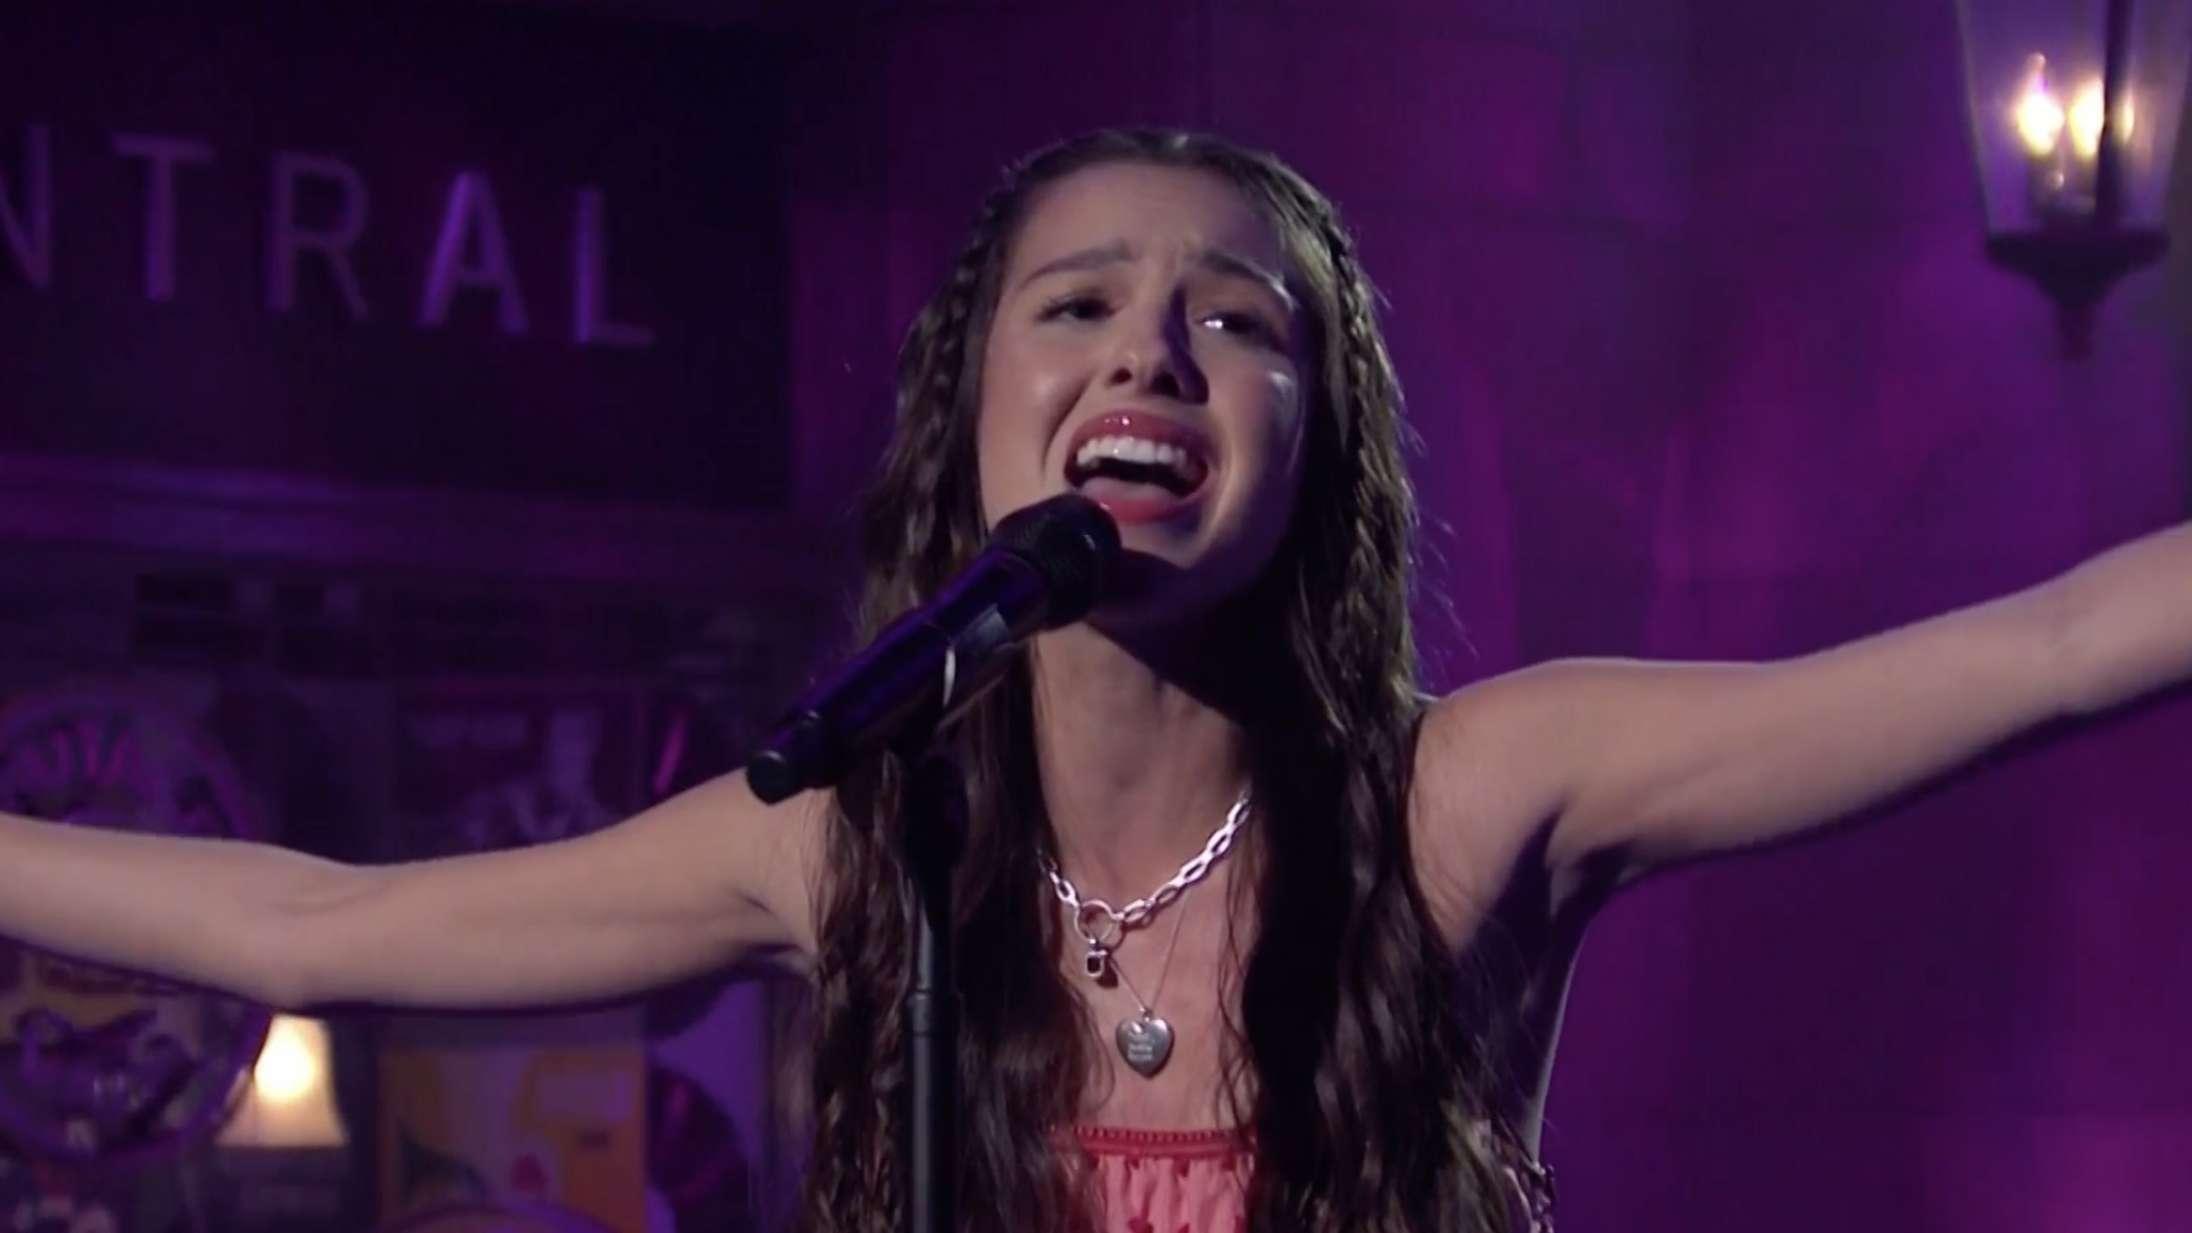 Se Olivia Rodrigo debutere på 'SNL' med punkattitude og megahittet 'Driver's License'